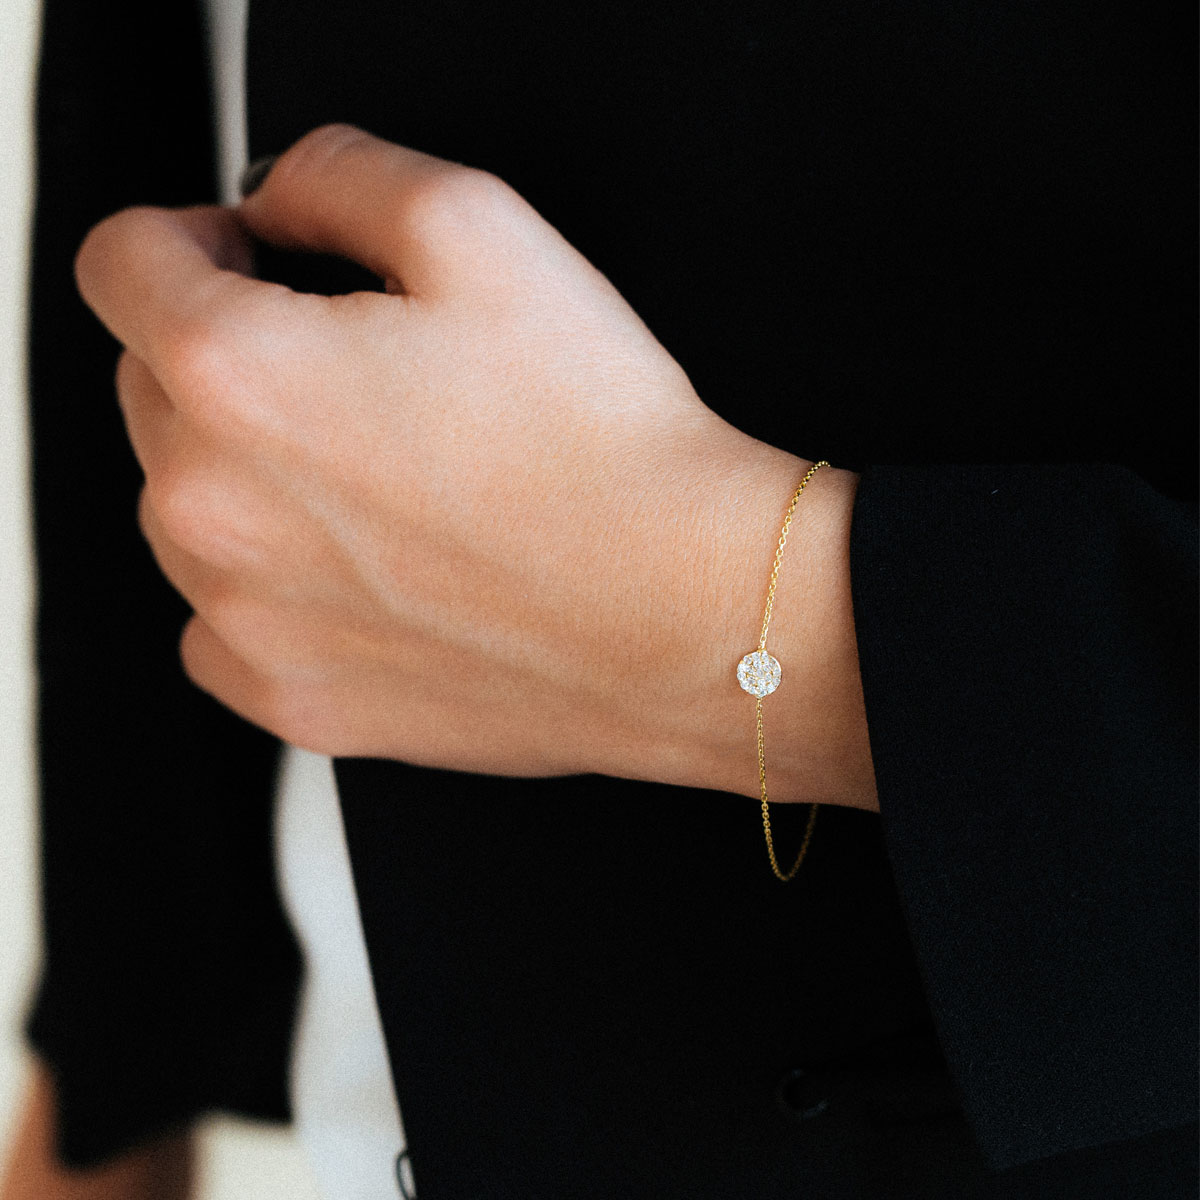 دستبند طلا دایره کوچک نگین دار